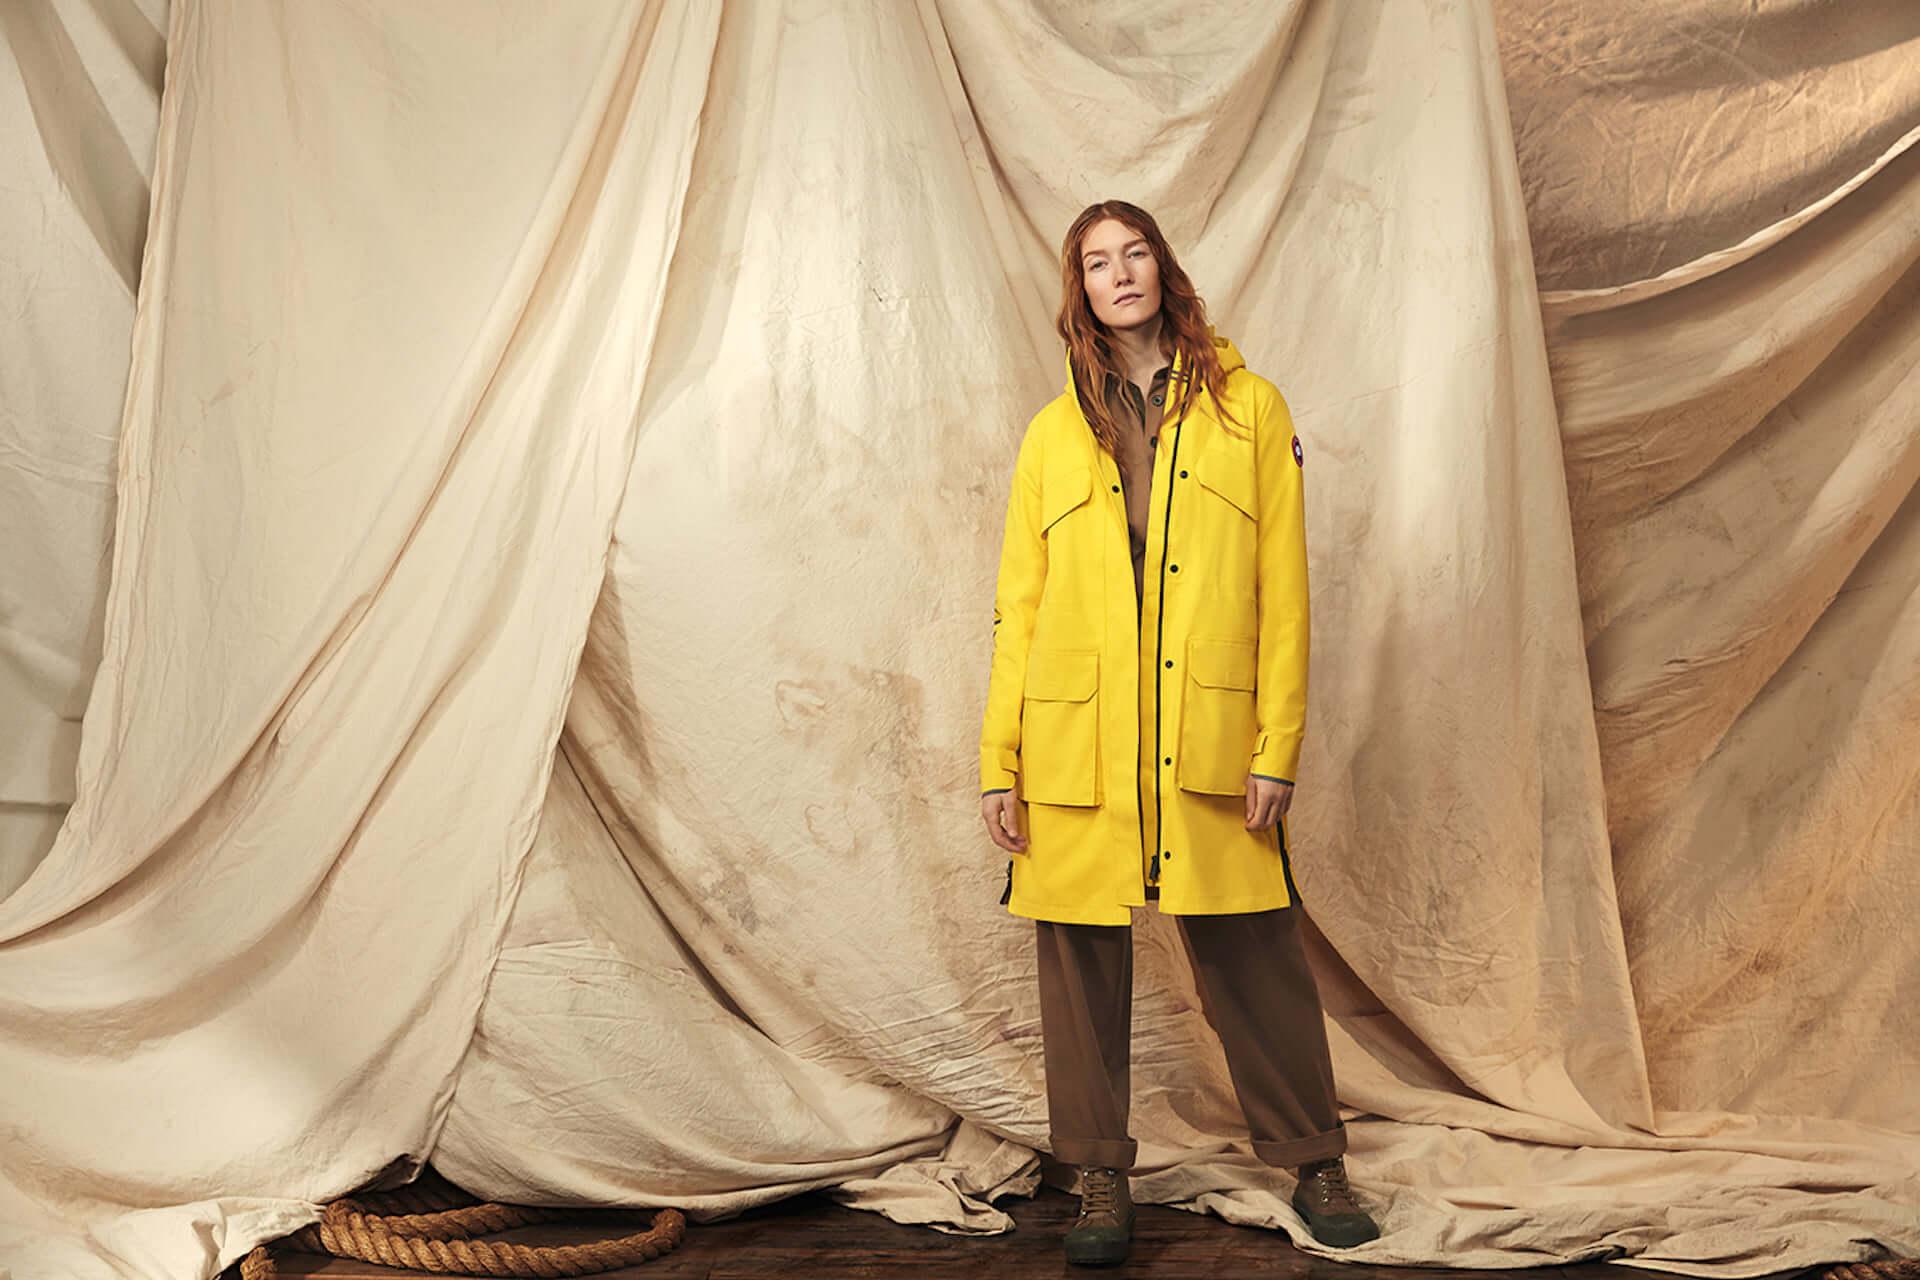 カナダグースの2020年春コレクションにイエローのレインウェアが登場!急な雨にも対応するポンチョ&ジャケット lf200417_-canadagoose_4-1920x1280